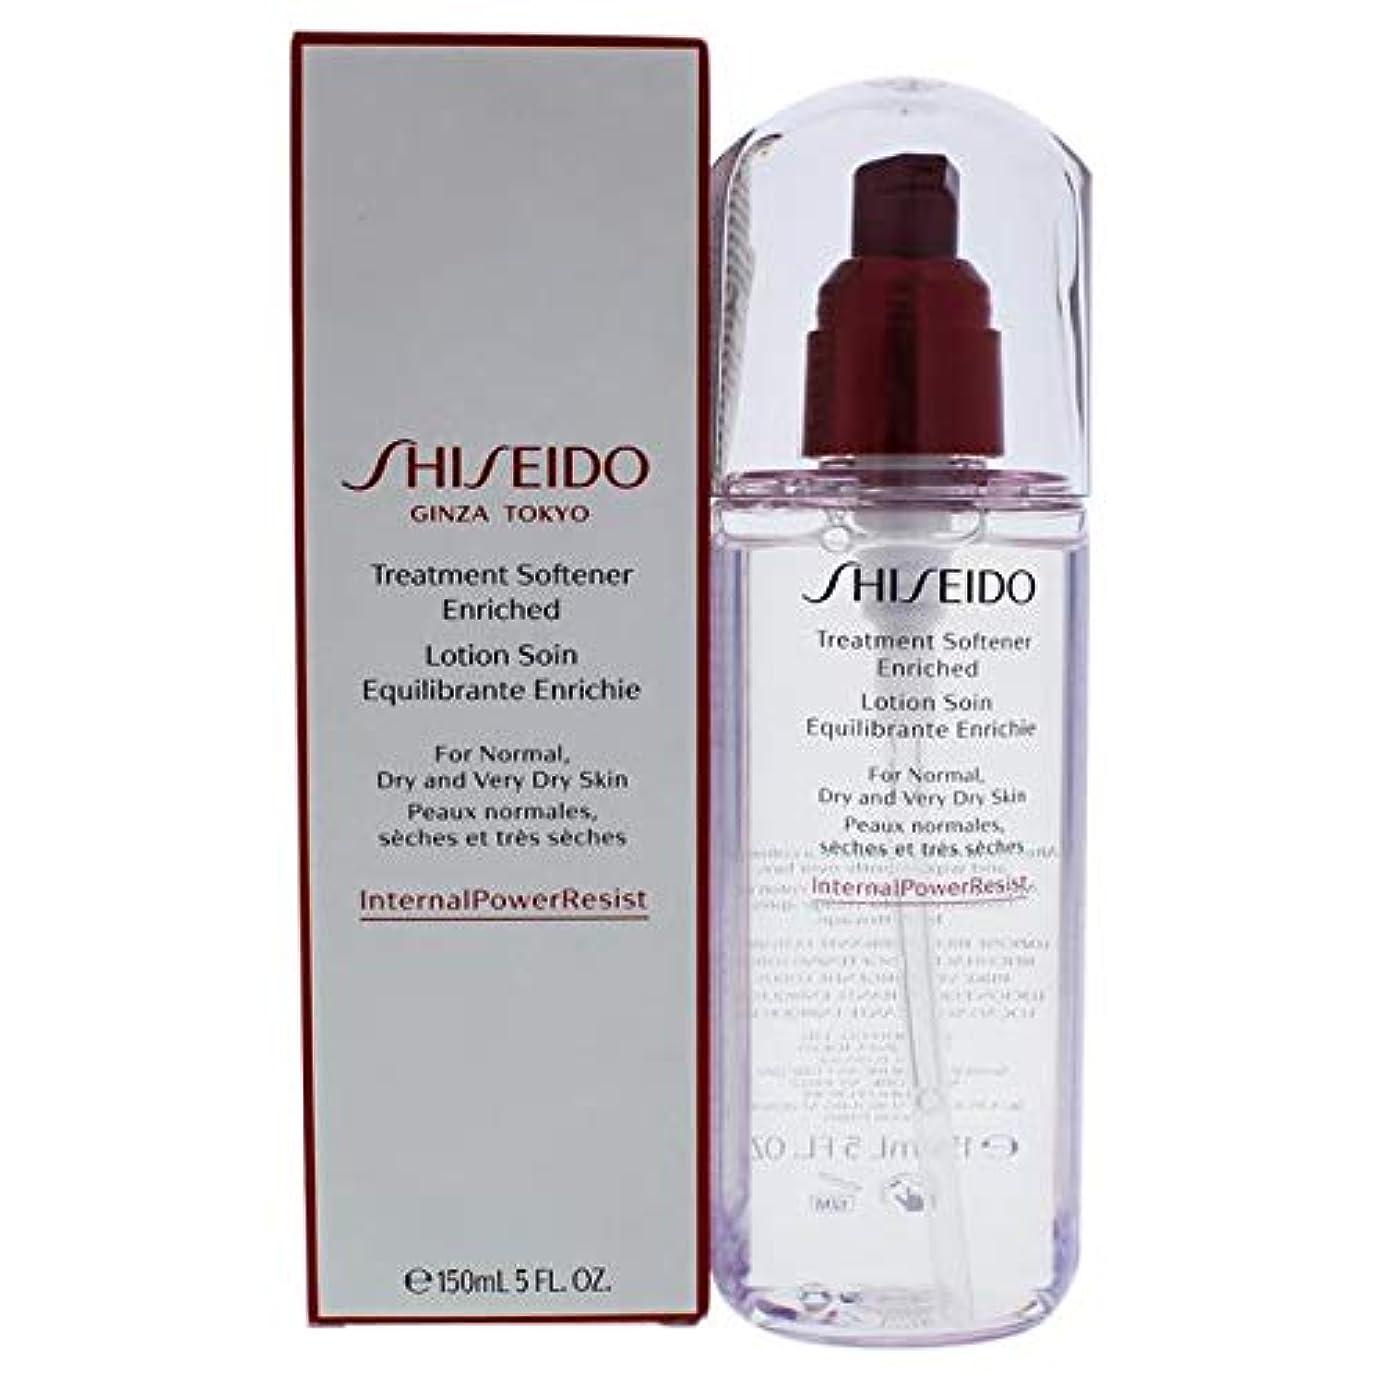 啓示迷惑東ティモール資生堂 Defend Beauty Treatment Softener Enriched 150ml/5oz並行輸入品